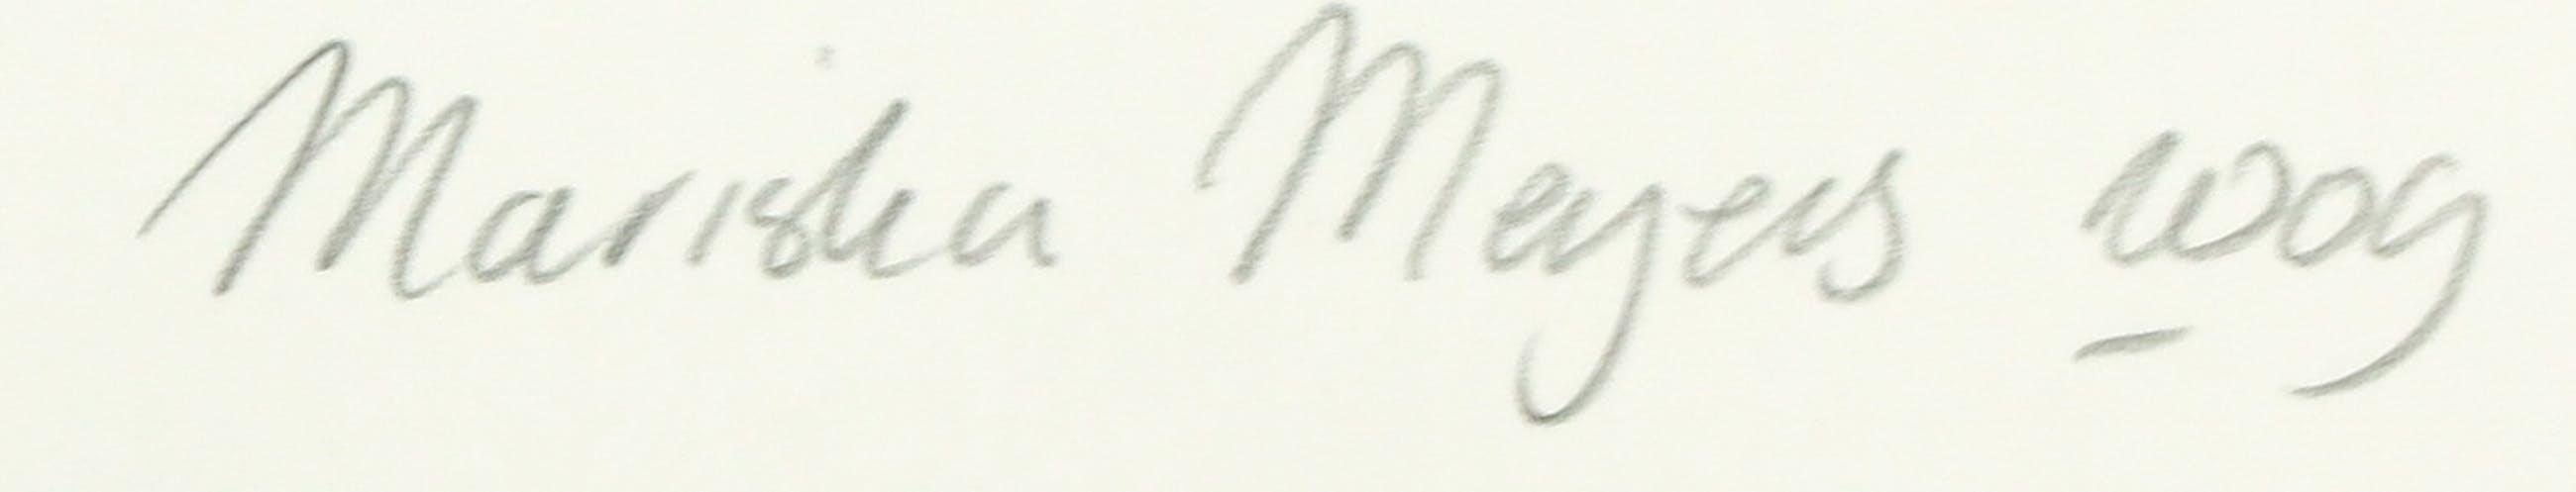 Mariska Meijers - Zeefdruk, Blossom and orange stripes kopen? Bied vanaf 1!